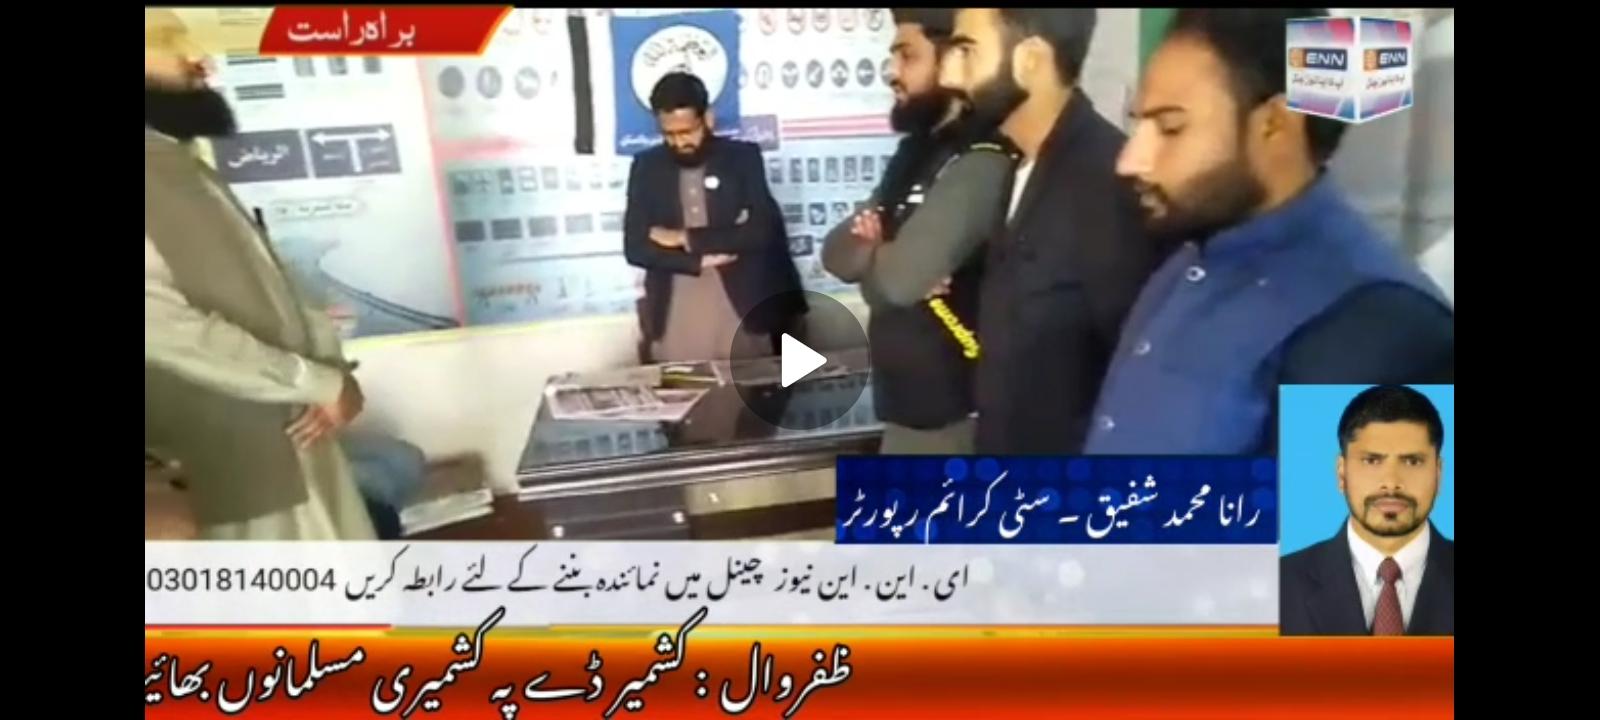 ظفروال :  کشیمر ڈے کشمیری مسلمانوں بھائیوں کے ساتھ اظہار یکجہتی